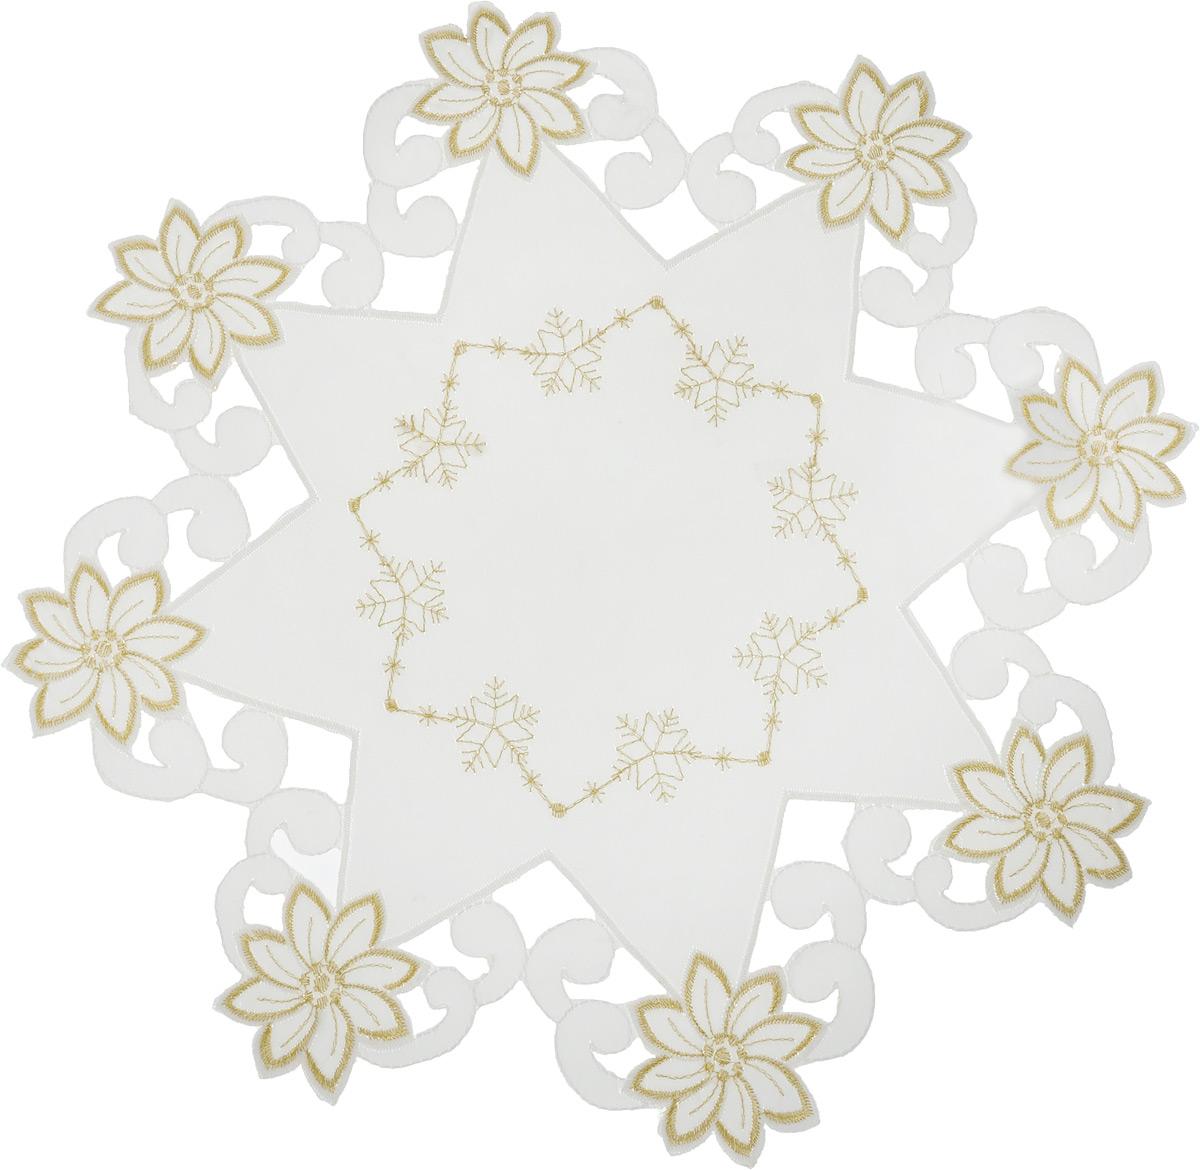 Салфетка Schaefer , круглая, цвет: молочный, золотистый, диаметр 38 см. 07803-31607803-316Круглая салфетка Schaefer, выполненная из полиэстера, оформлена декоративной перфорацией и вышивкой. Дизайнерские идеи немецких художников компании Schaefer воплощаются в текстильных изделиях, которые сделают ваш дом красивее и уютнее и не останутся незамеченными вашими гостями. Дарите себе и близким красоту каждый день!Диаметр салфетки: 38 см.